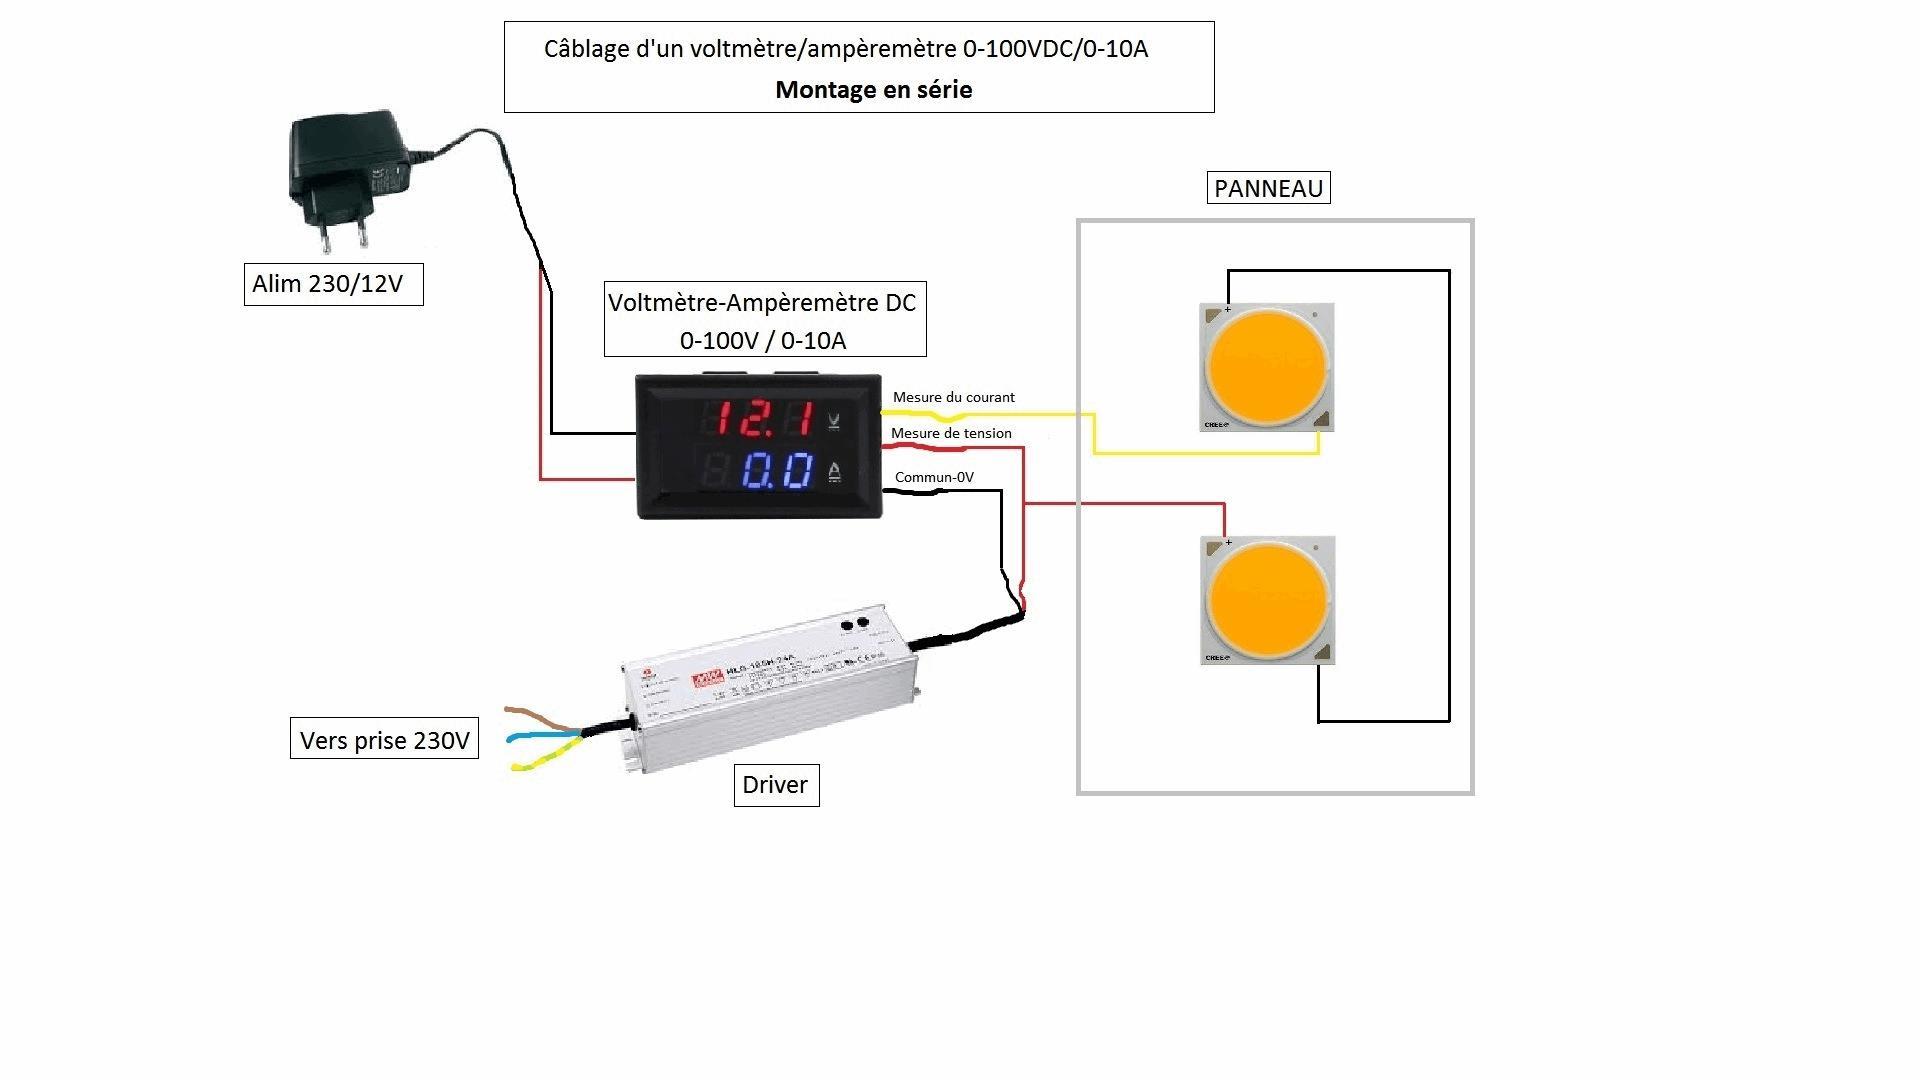 guide doityourself - panneaux led haute puissance  cob  - led  cob  strip etc